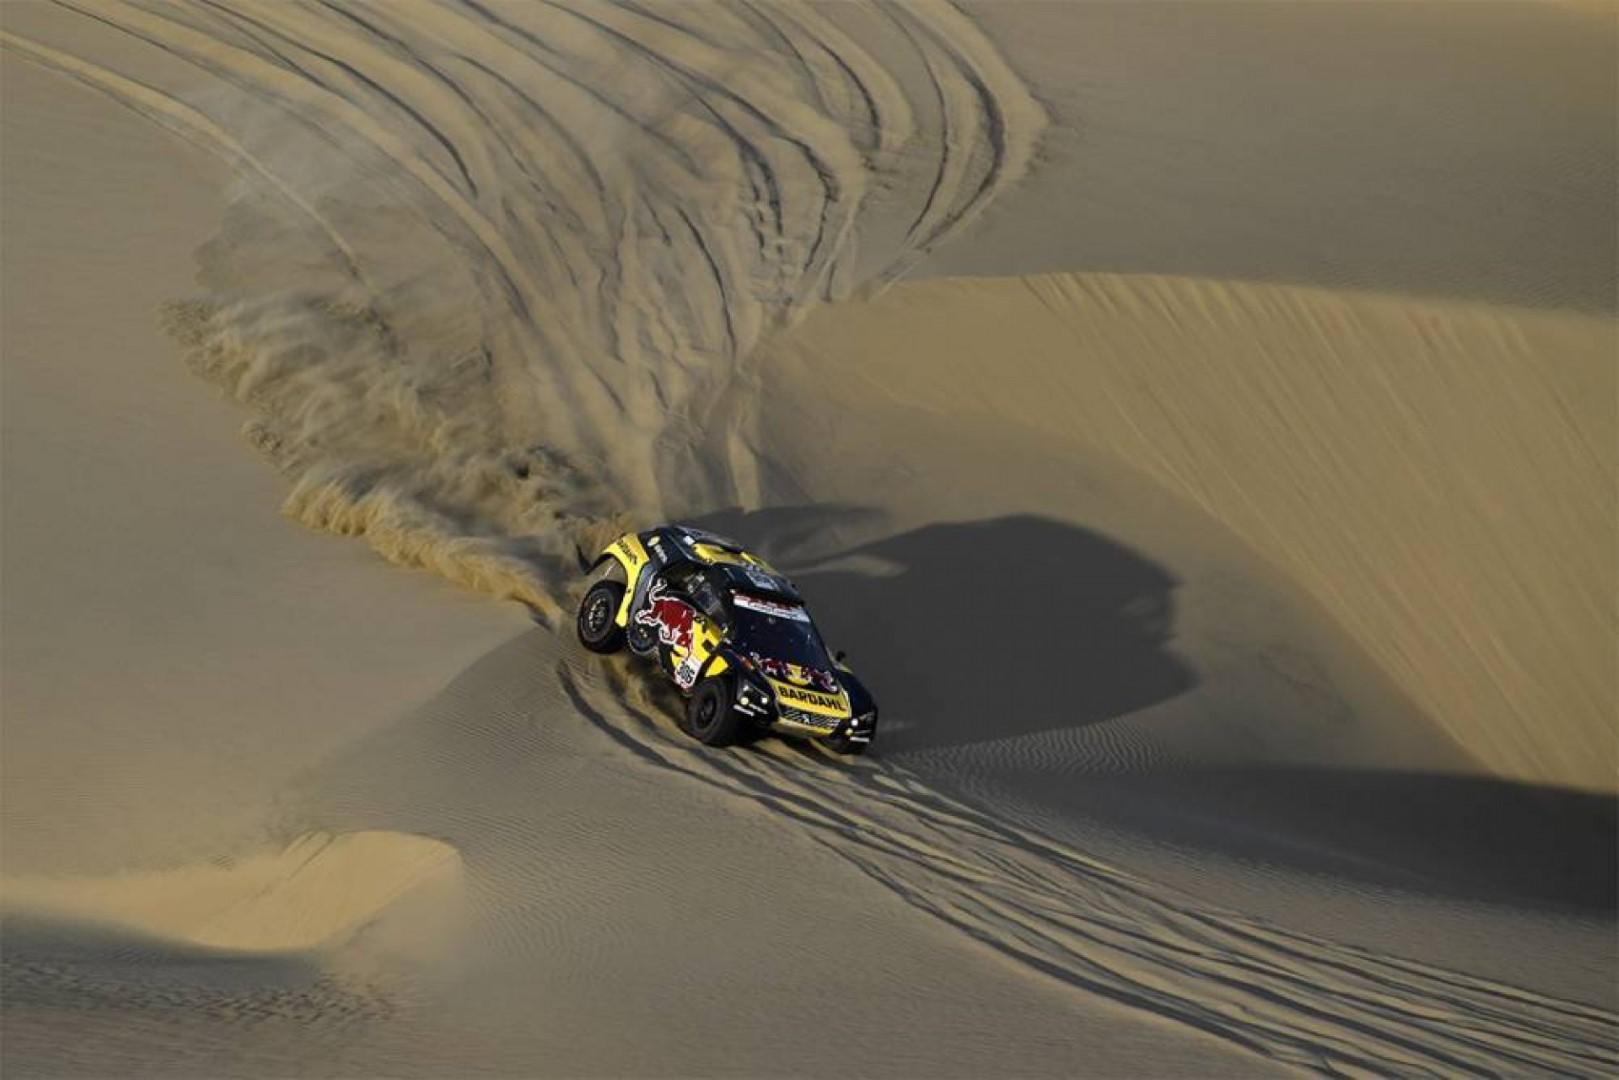 Dakar 2019: Loeb vainqueur de l'étape 2